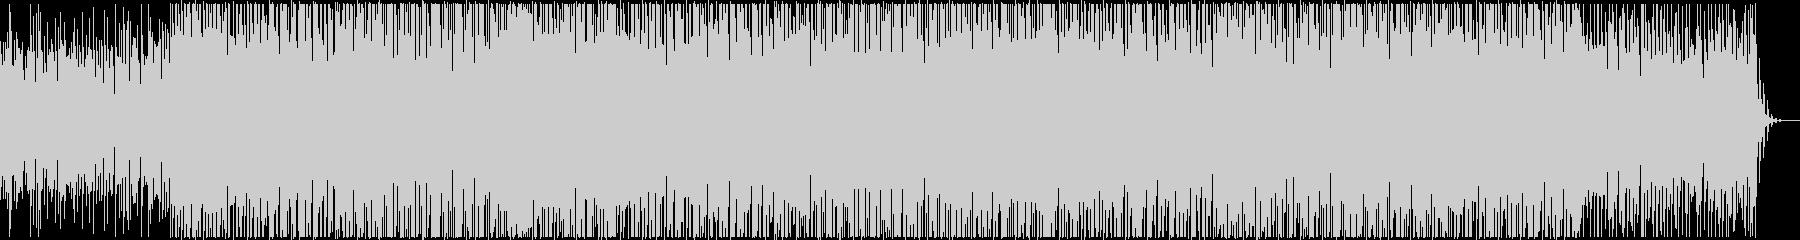 テクスチャー、ミニマルの未再生の波形